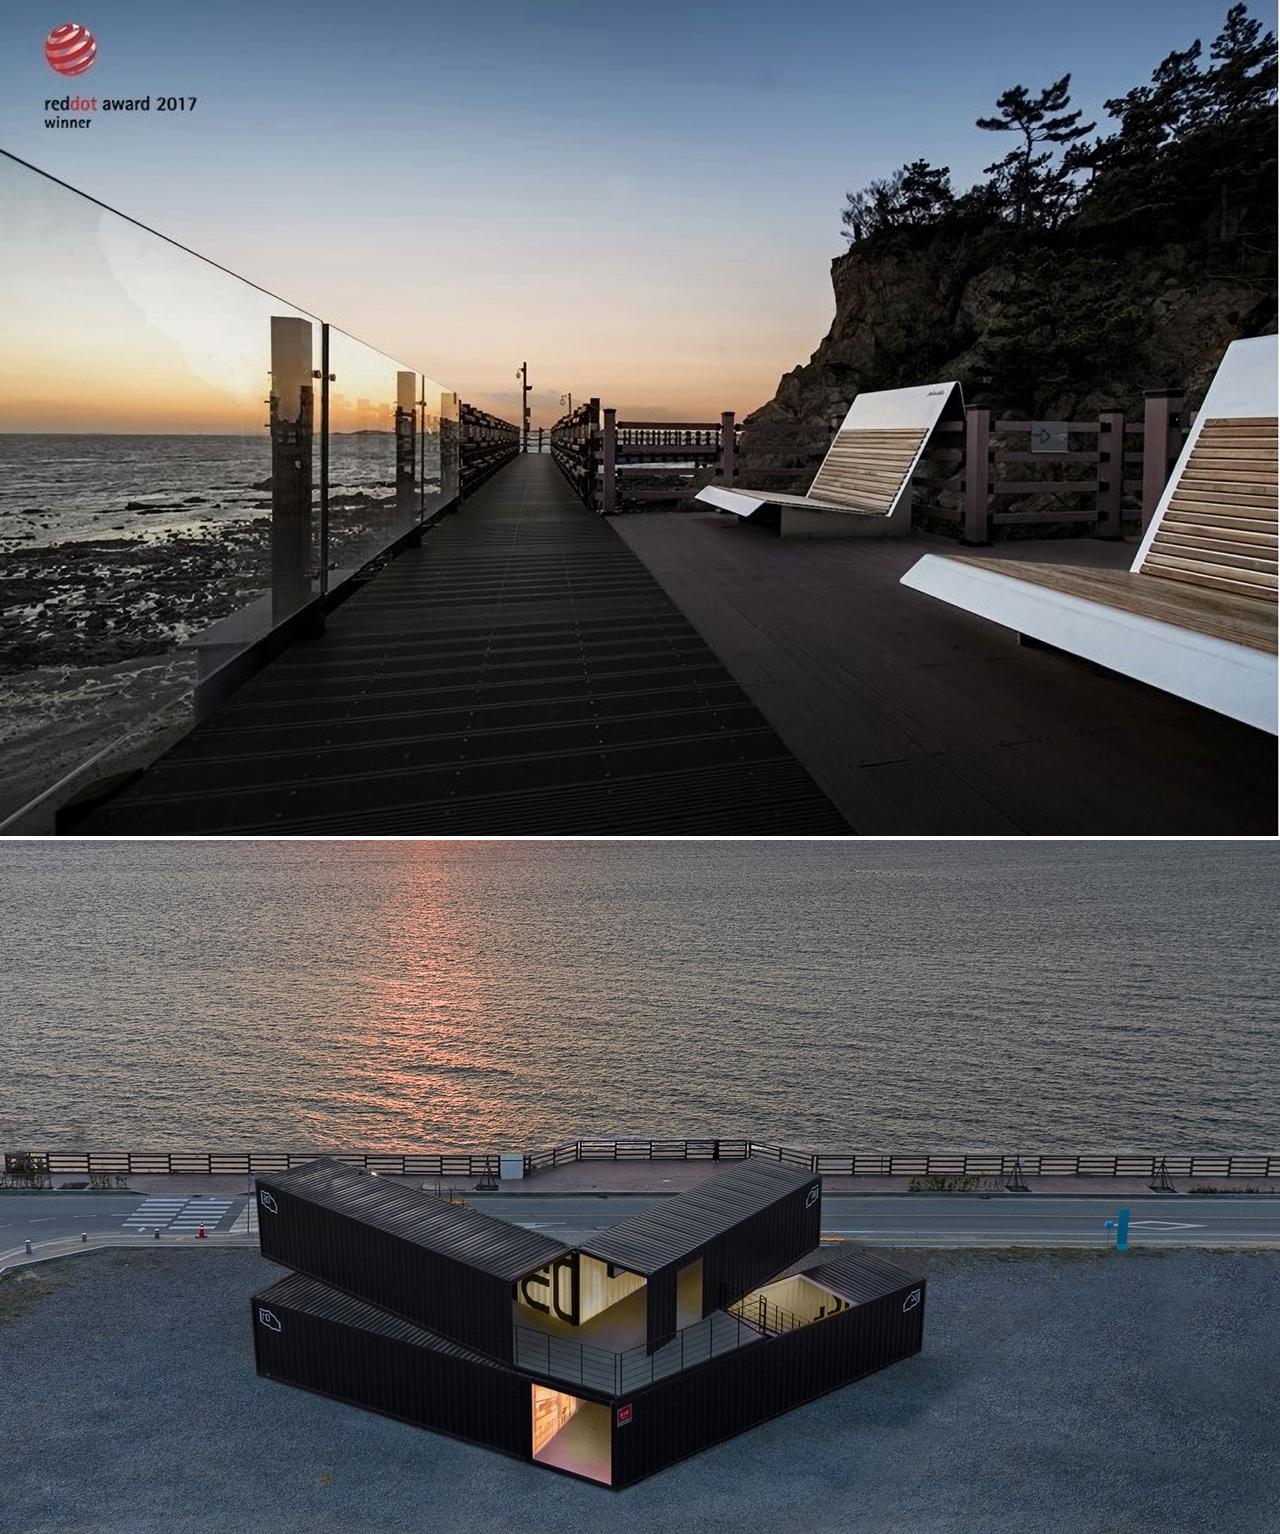 독일에서 디자인상을 받은 제부도 해안가 경관벤치와 아트파크.